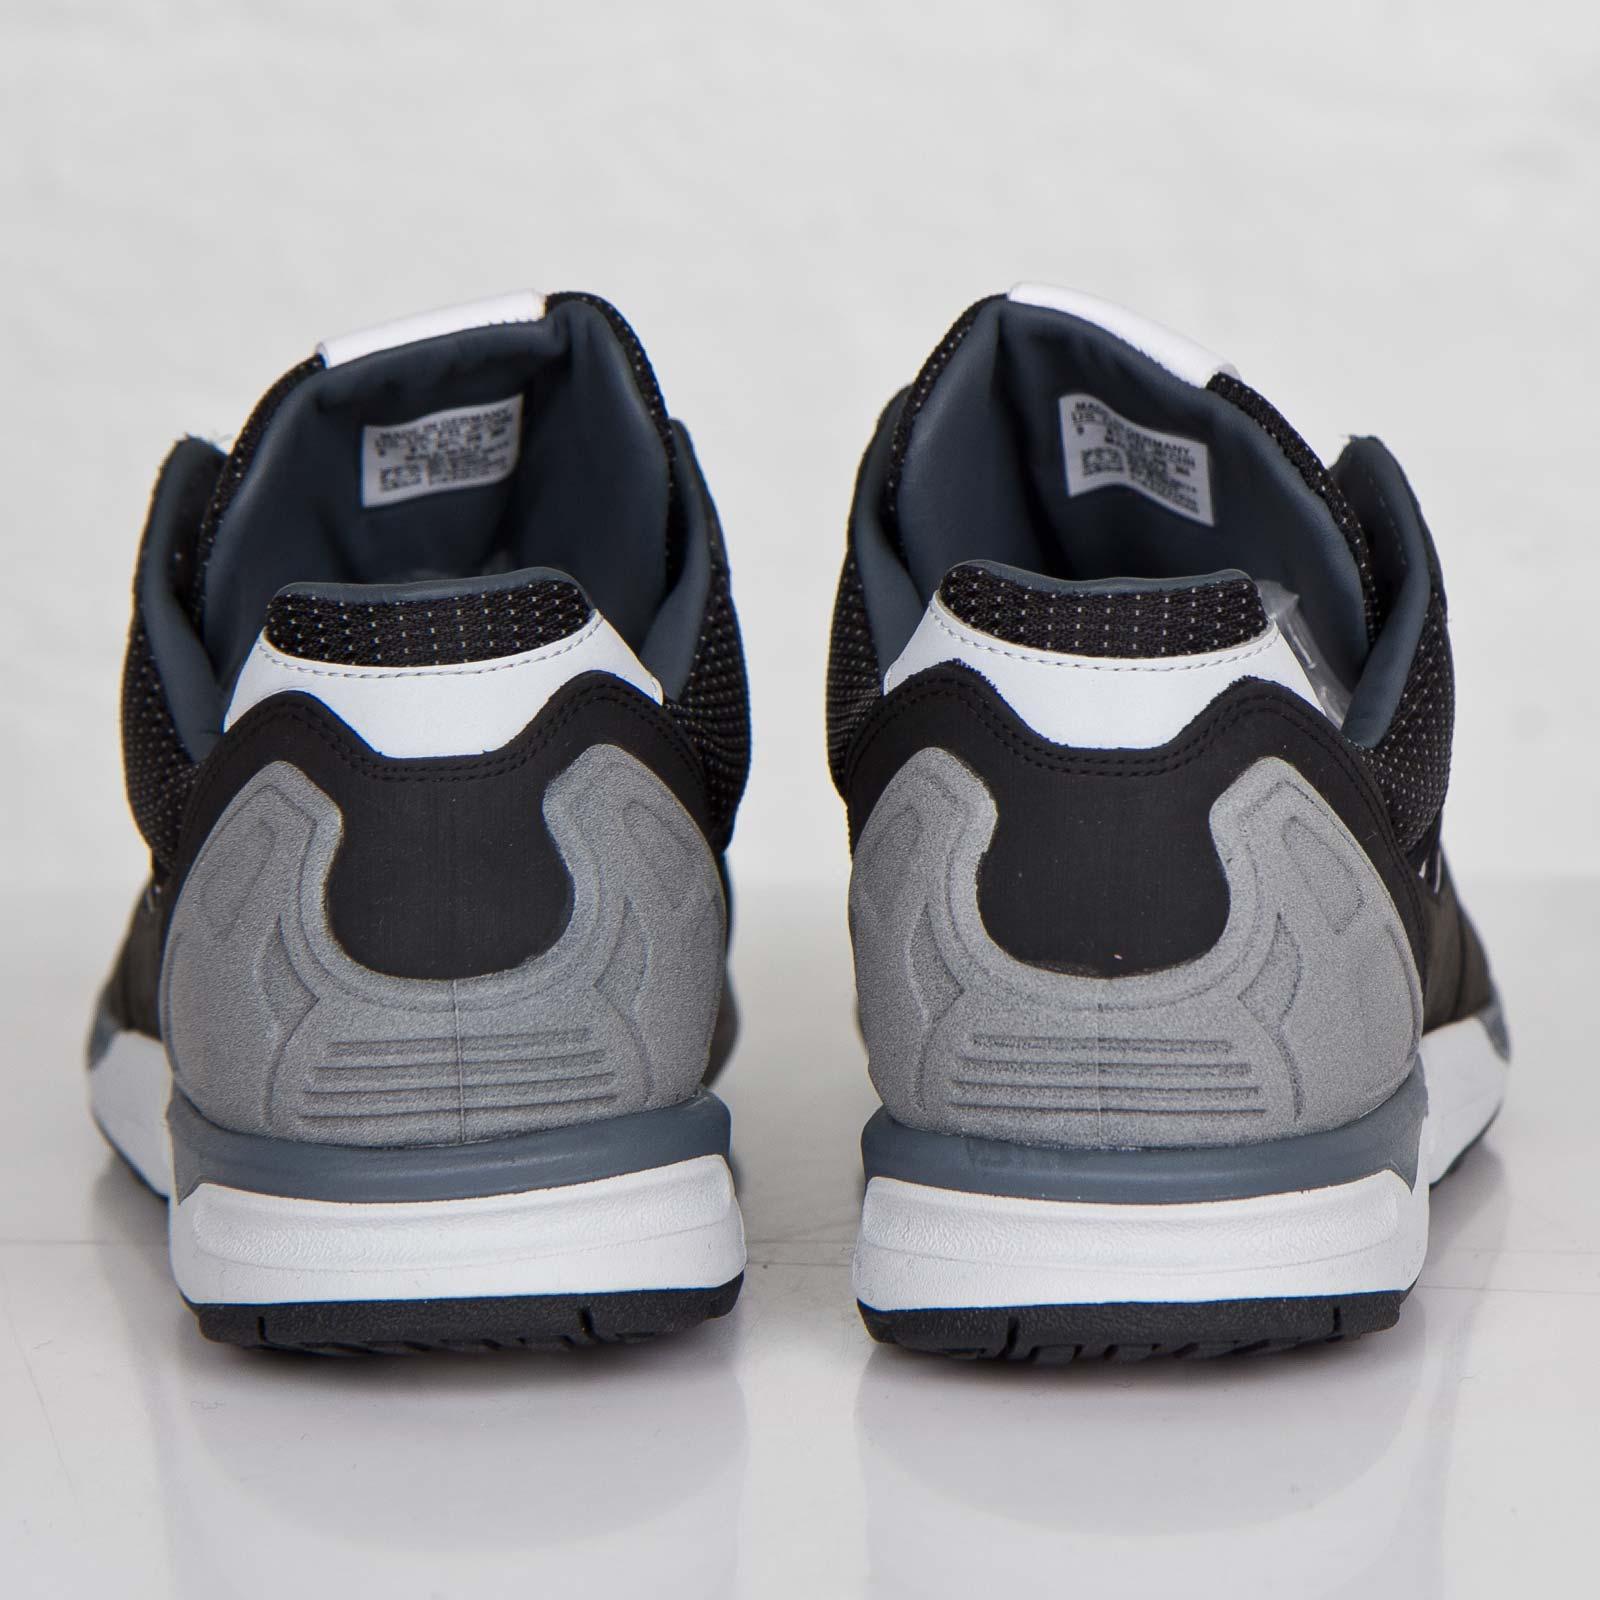 985d9819566c1 adidas ZX 8000 ALPHA - M18628 - Sneakersnstuff